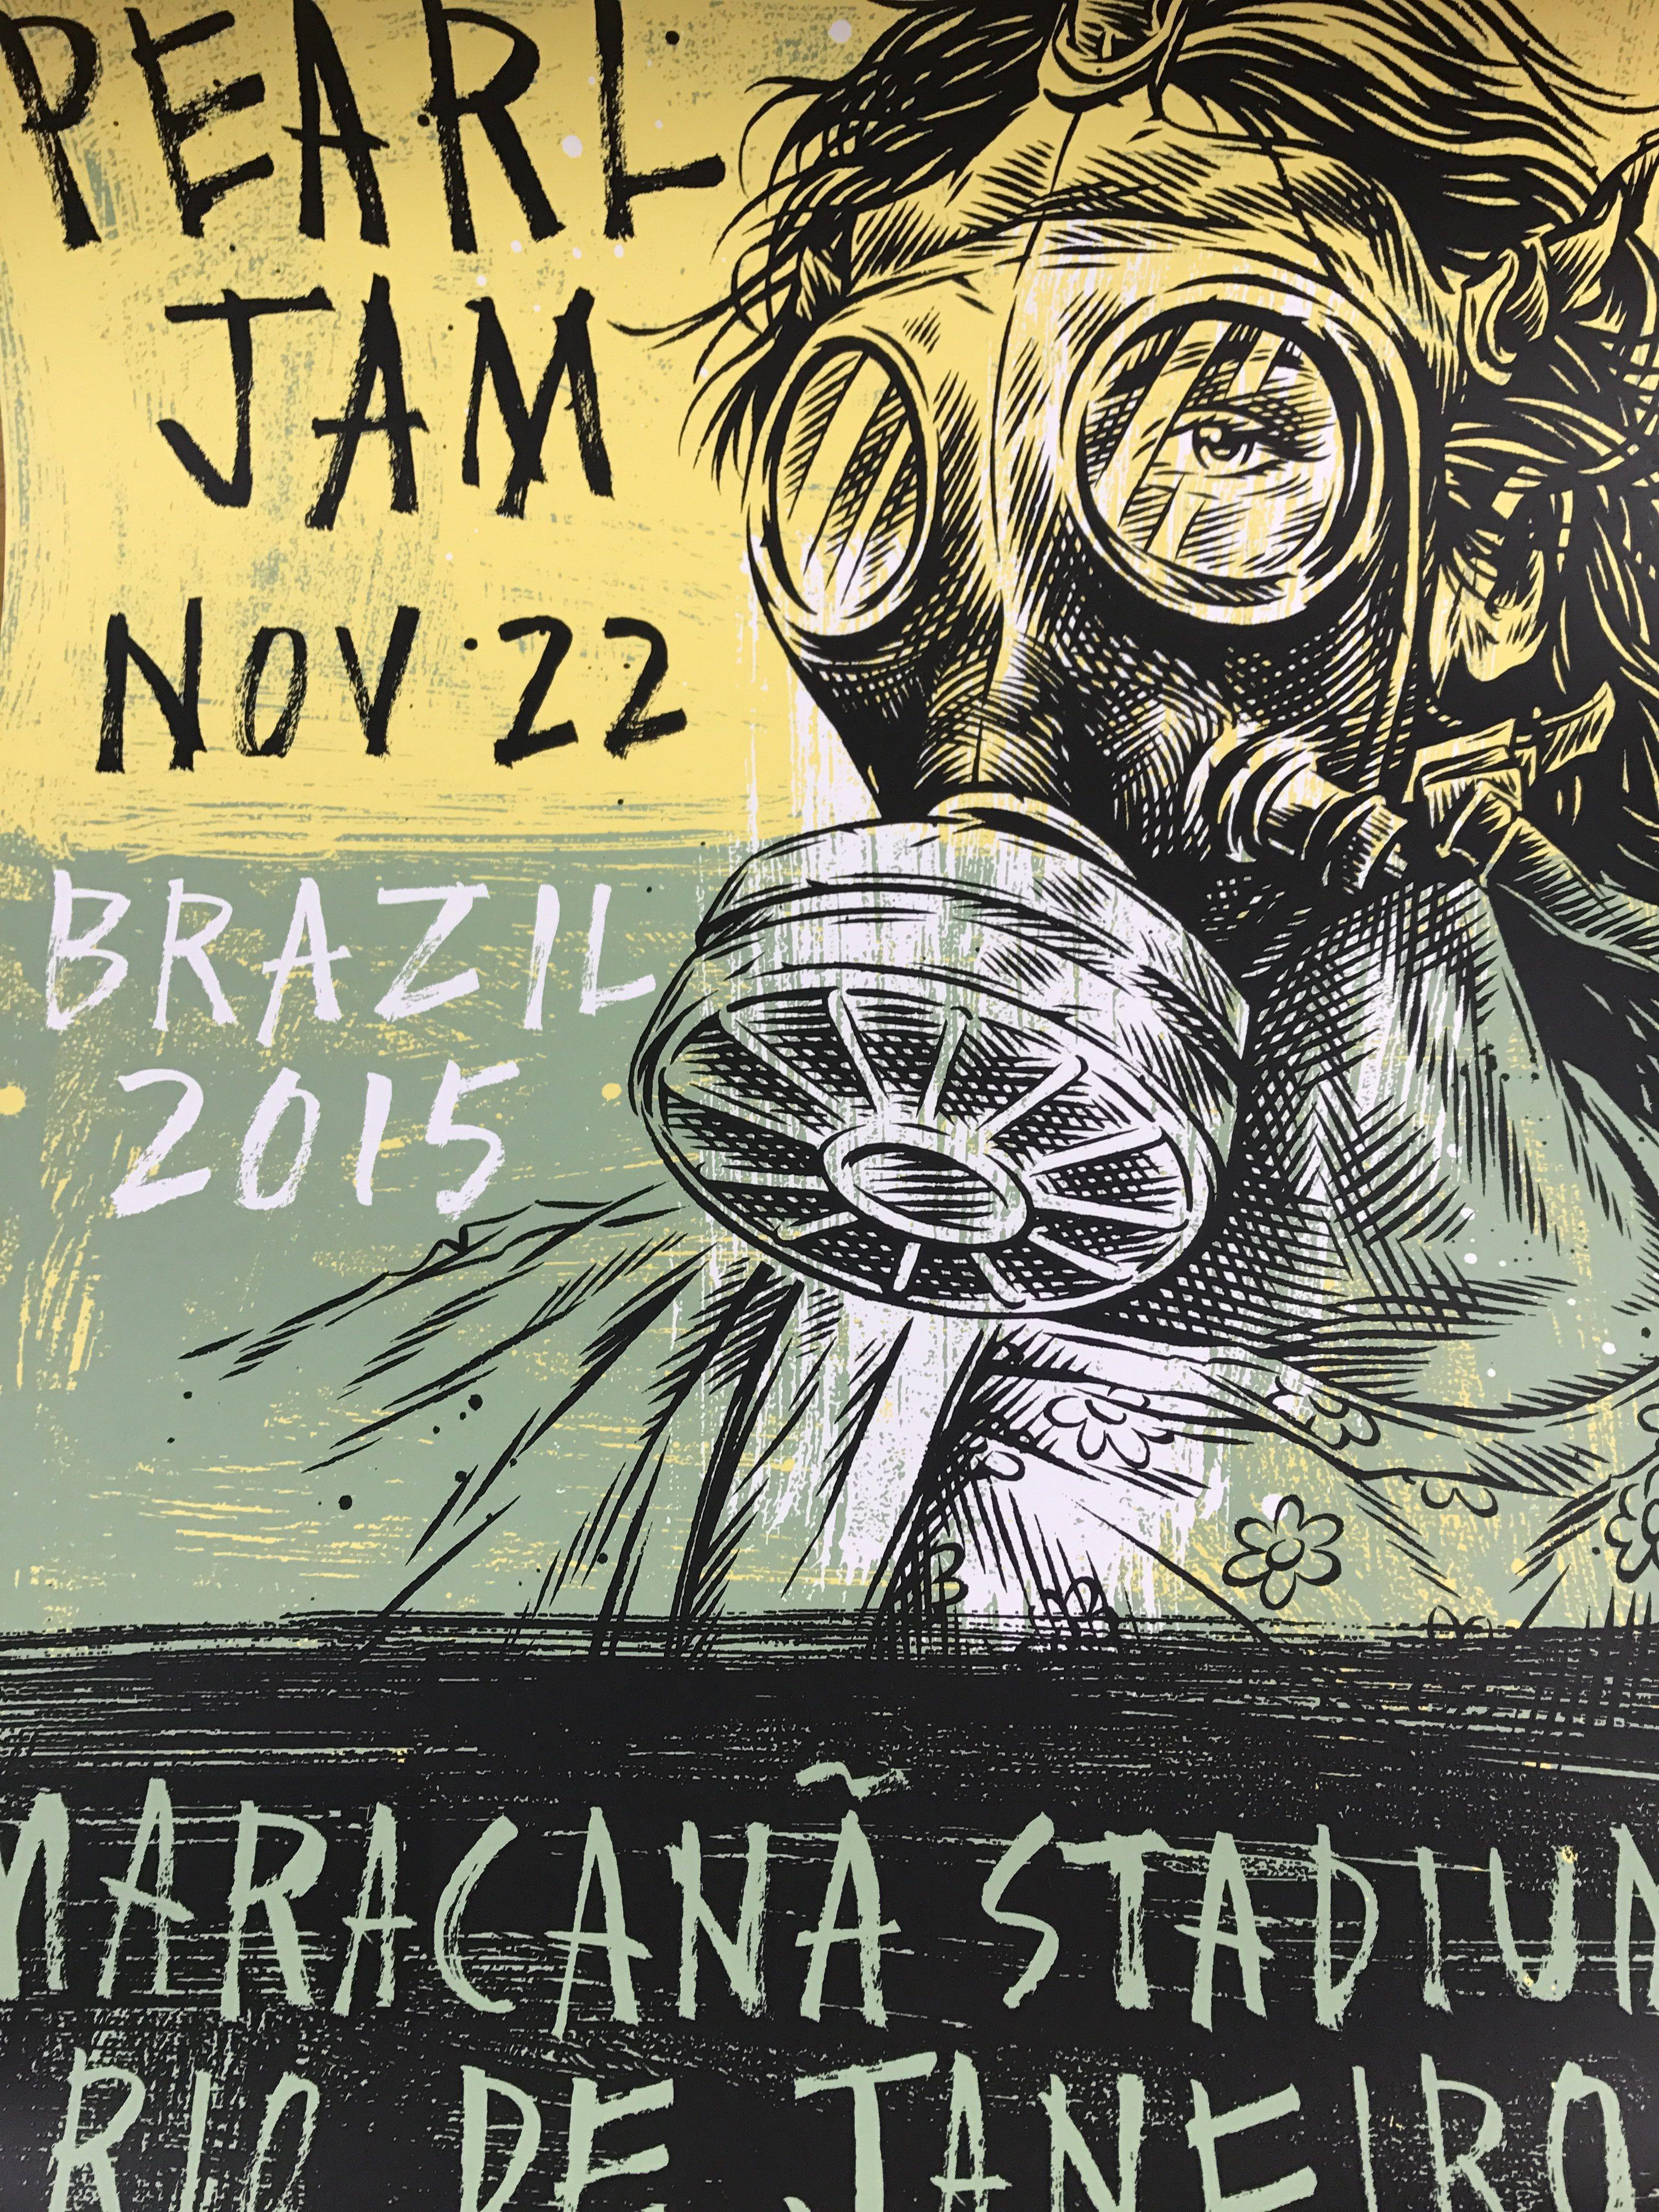 Pearl Jam 2015 Ben Horton Poster Rio De Janeiro Brazil